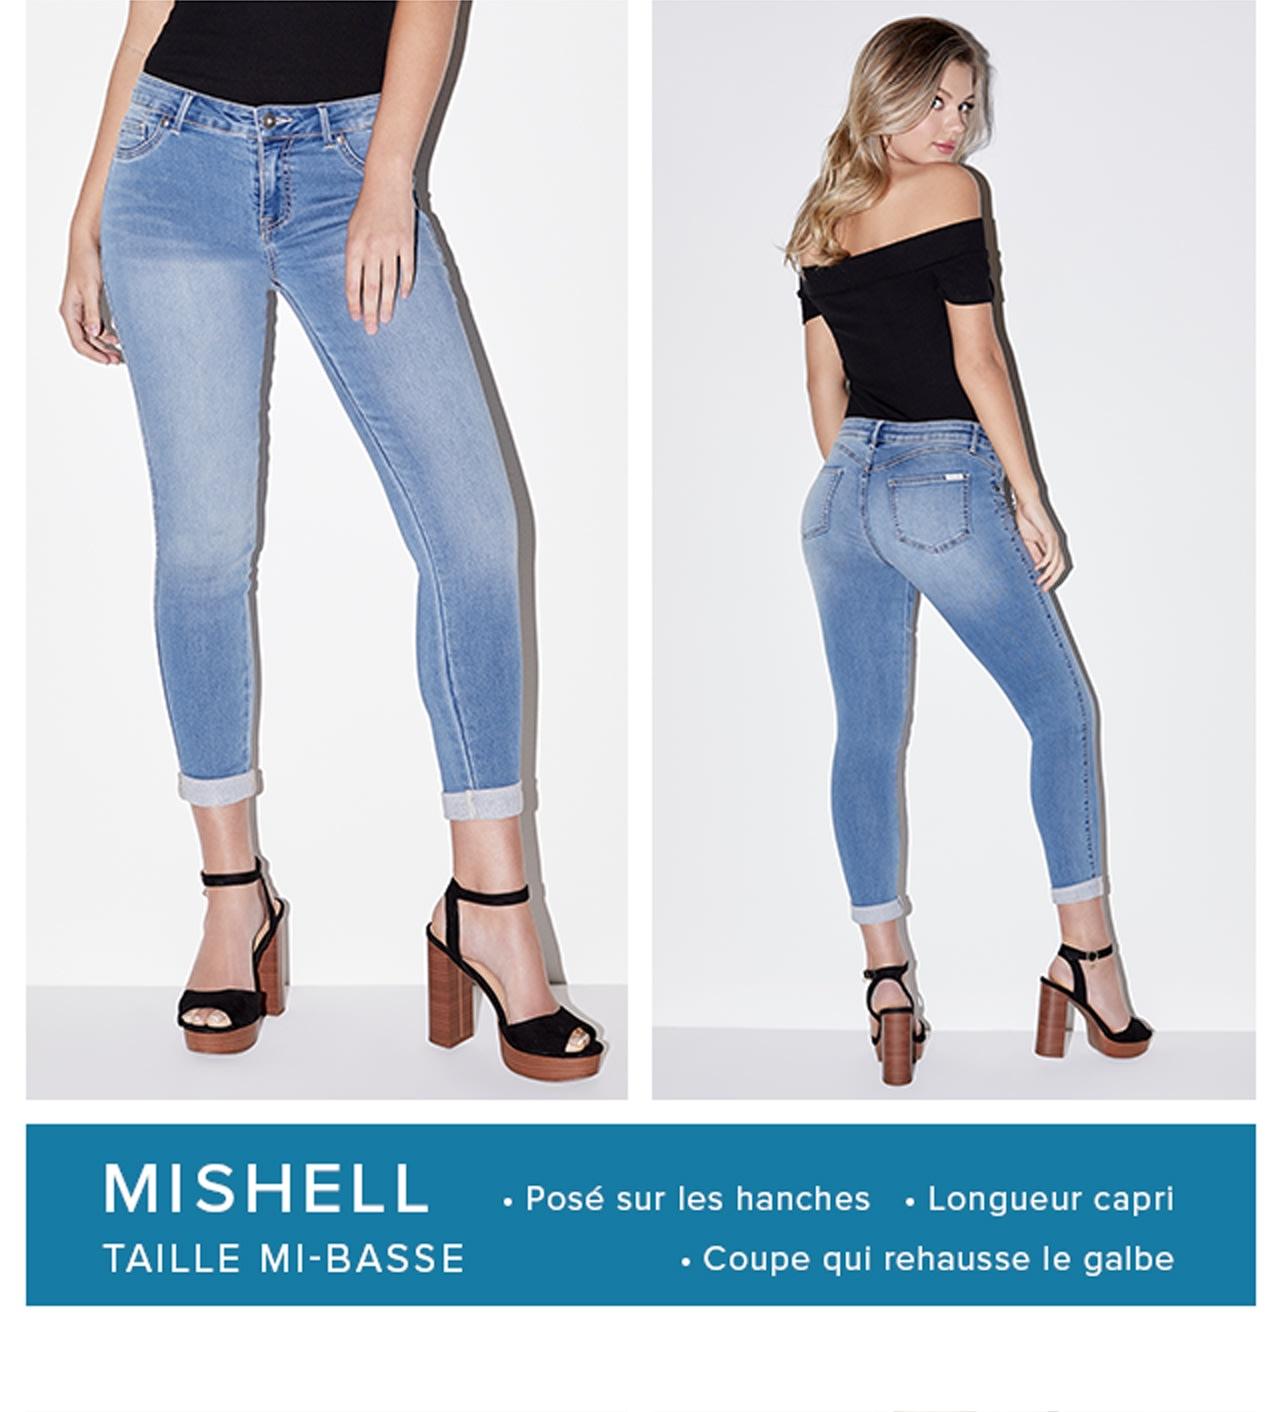 Mishell